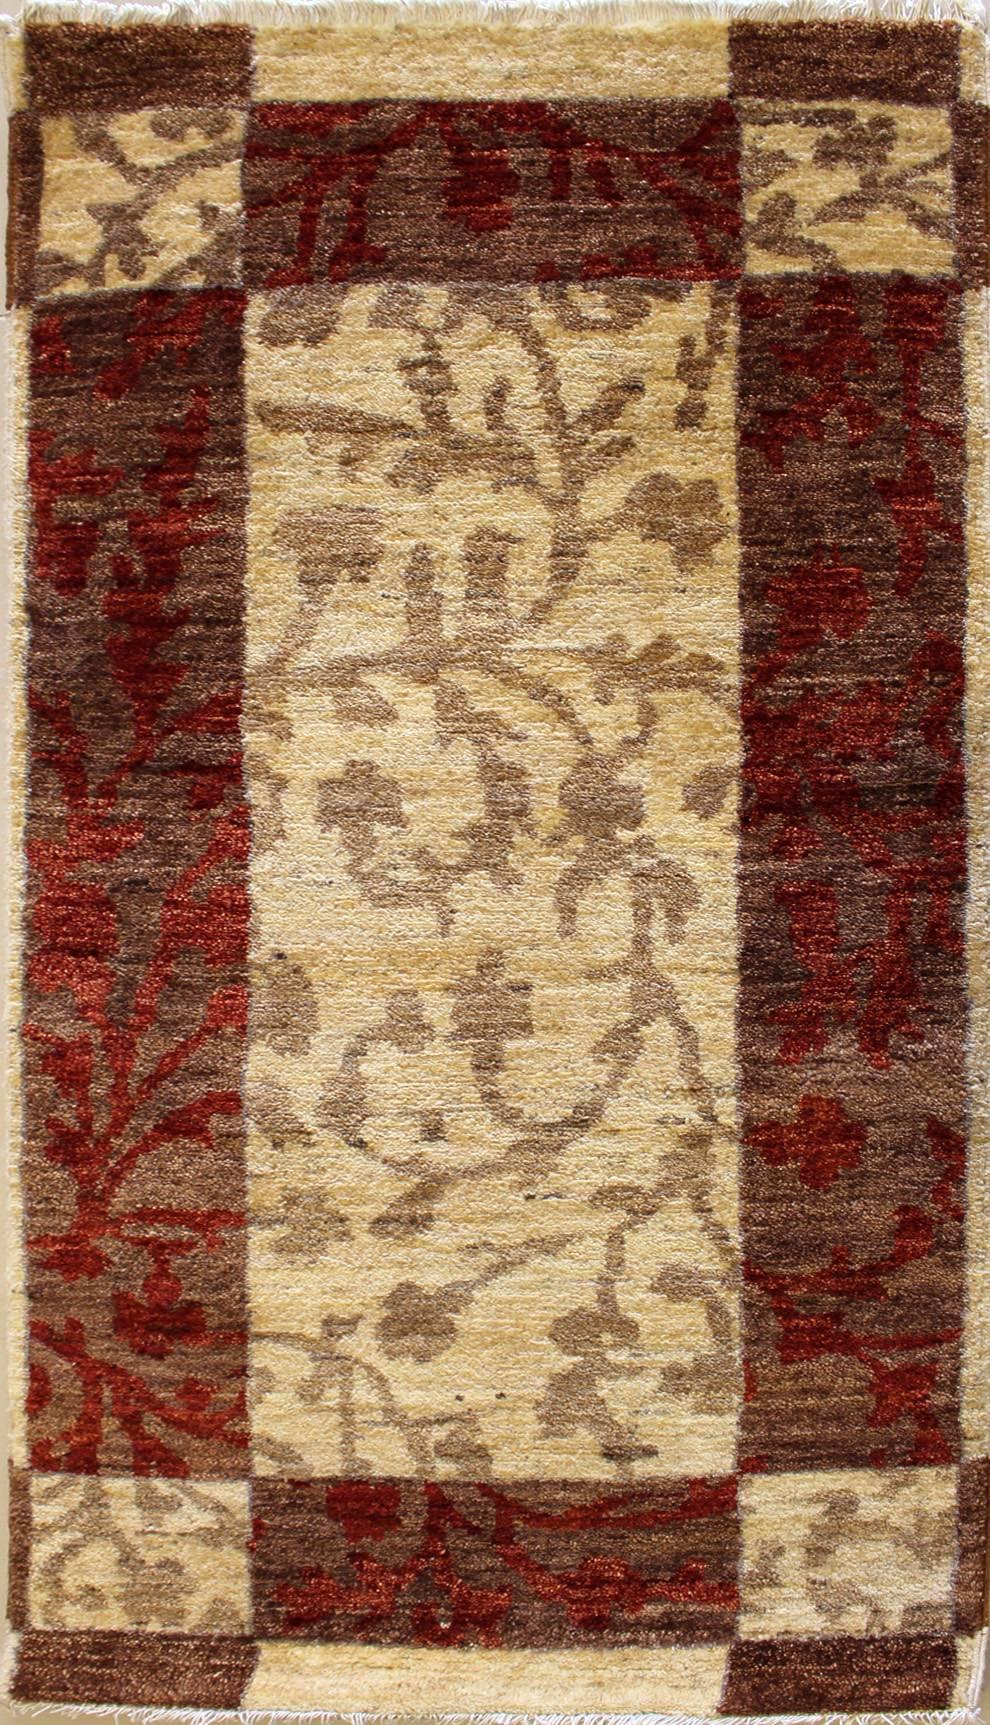 2x4'7 rug - ziegler chobi - handwoven chobi ziegler rugs made with